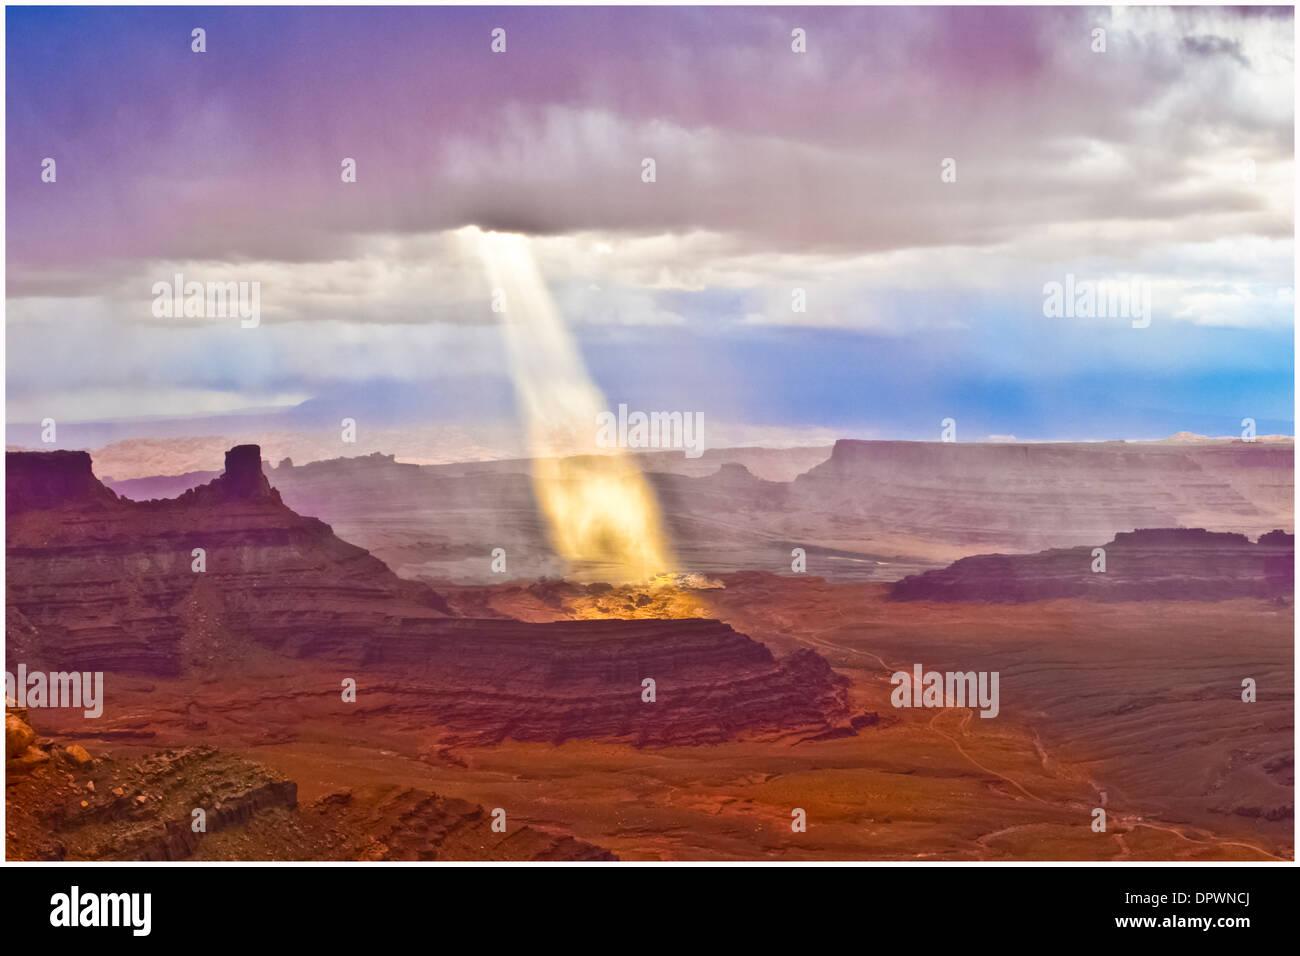 Rayo de luz que penetra las nubes Río Colorado visto desde el parque estatal Dead Horse Point Utah mañana tormenta secuelas Imagen De Stock